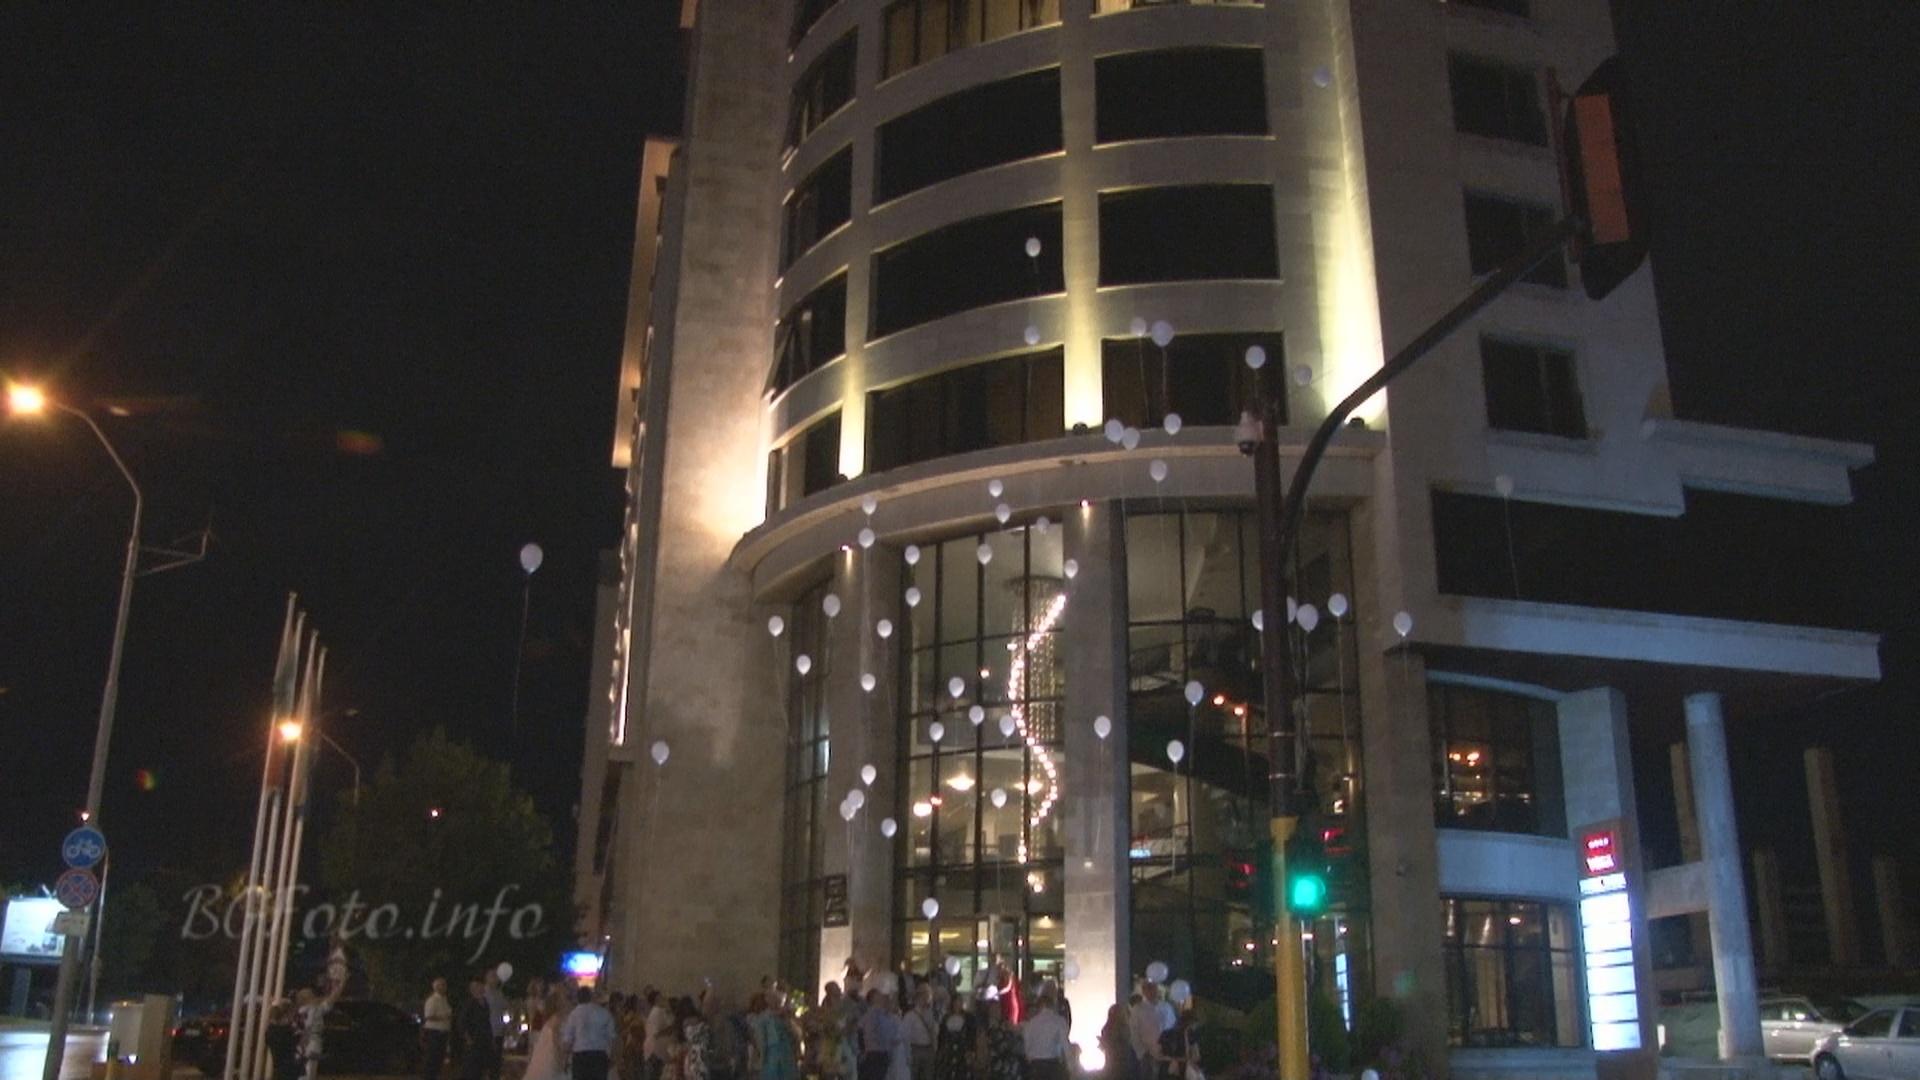 Сватбено видеозаснемане - балони с хелий политат над хотел Вега в София - един прекрасен завършек... (Видео)